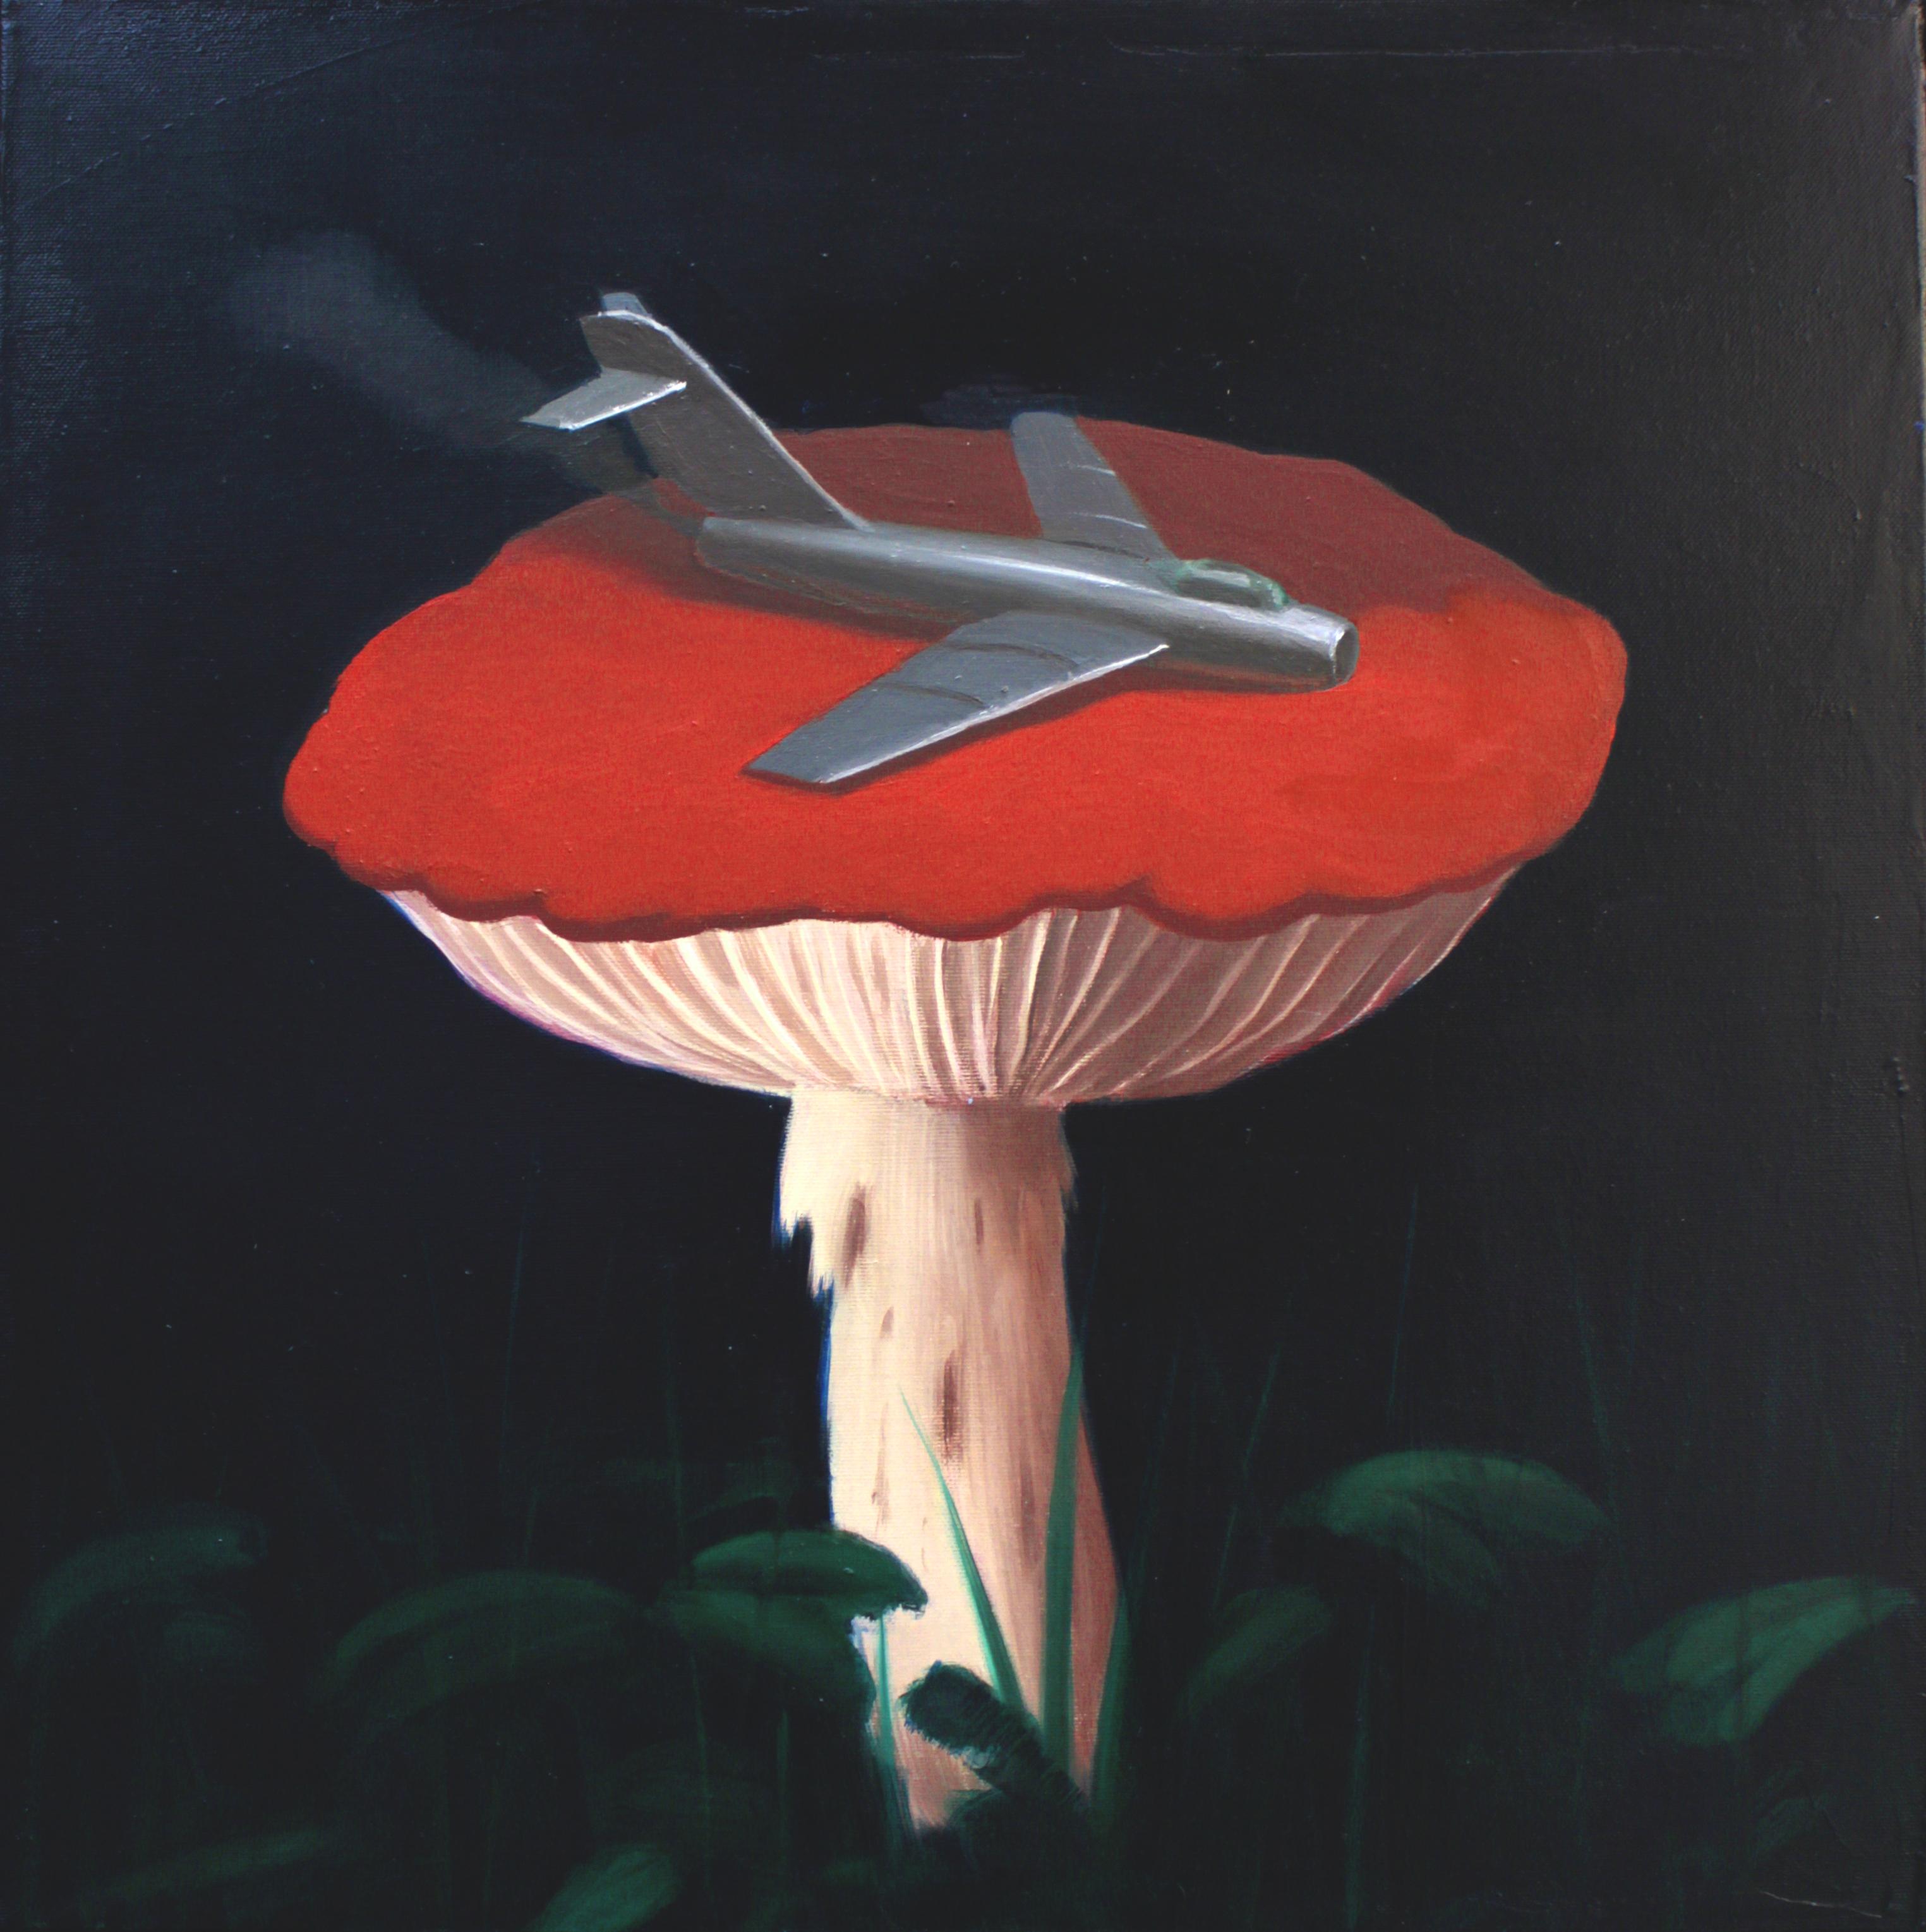 Mushroom landing